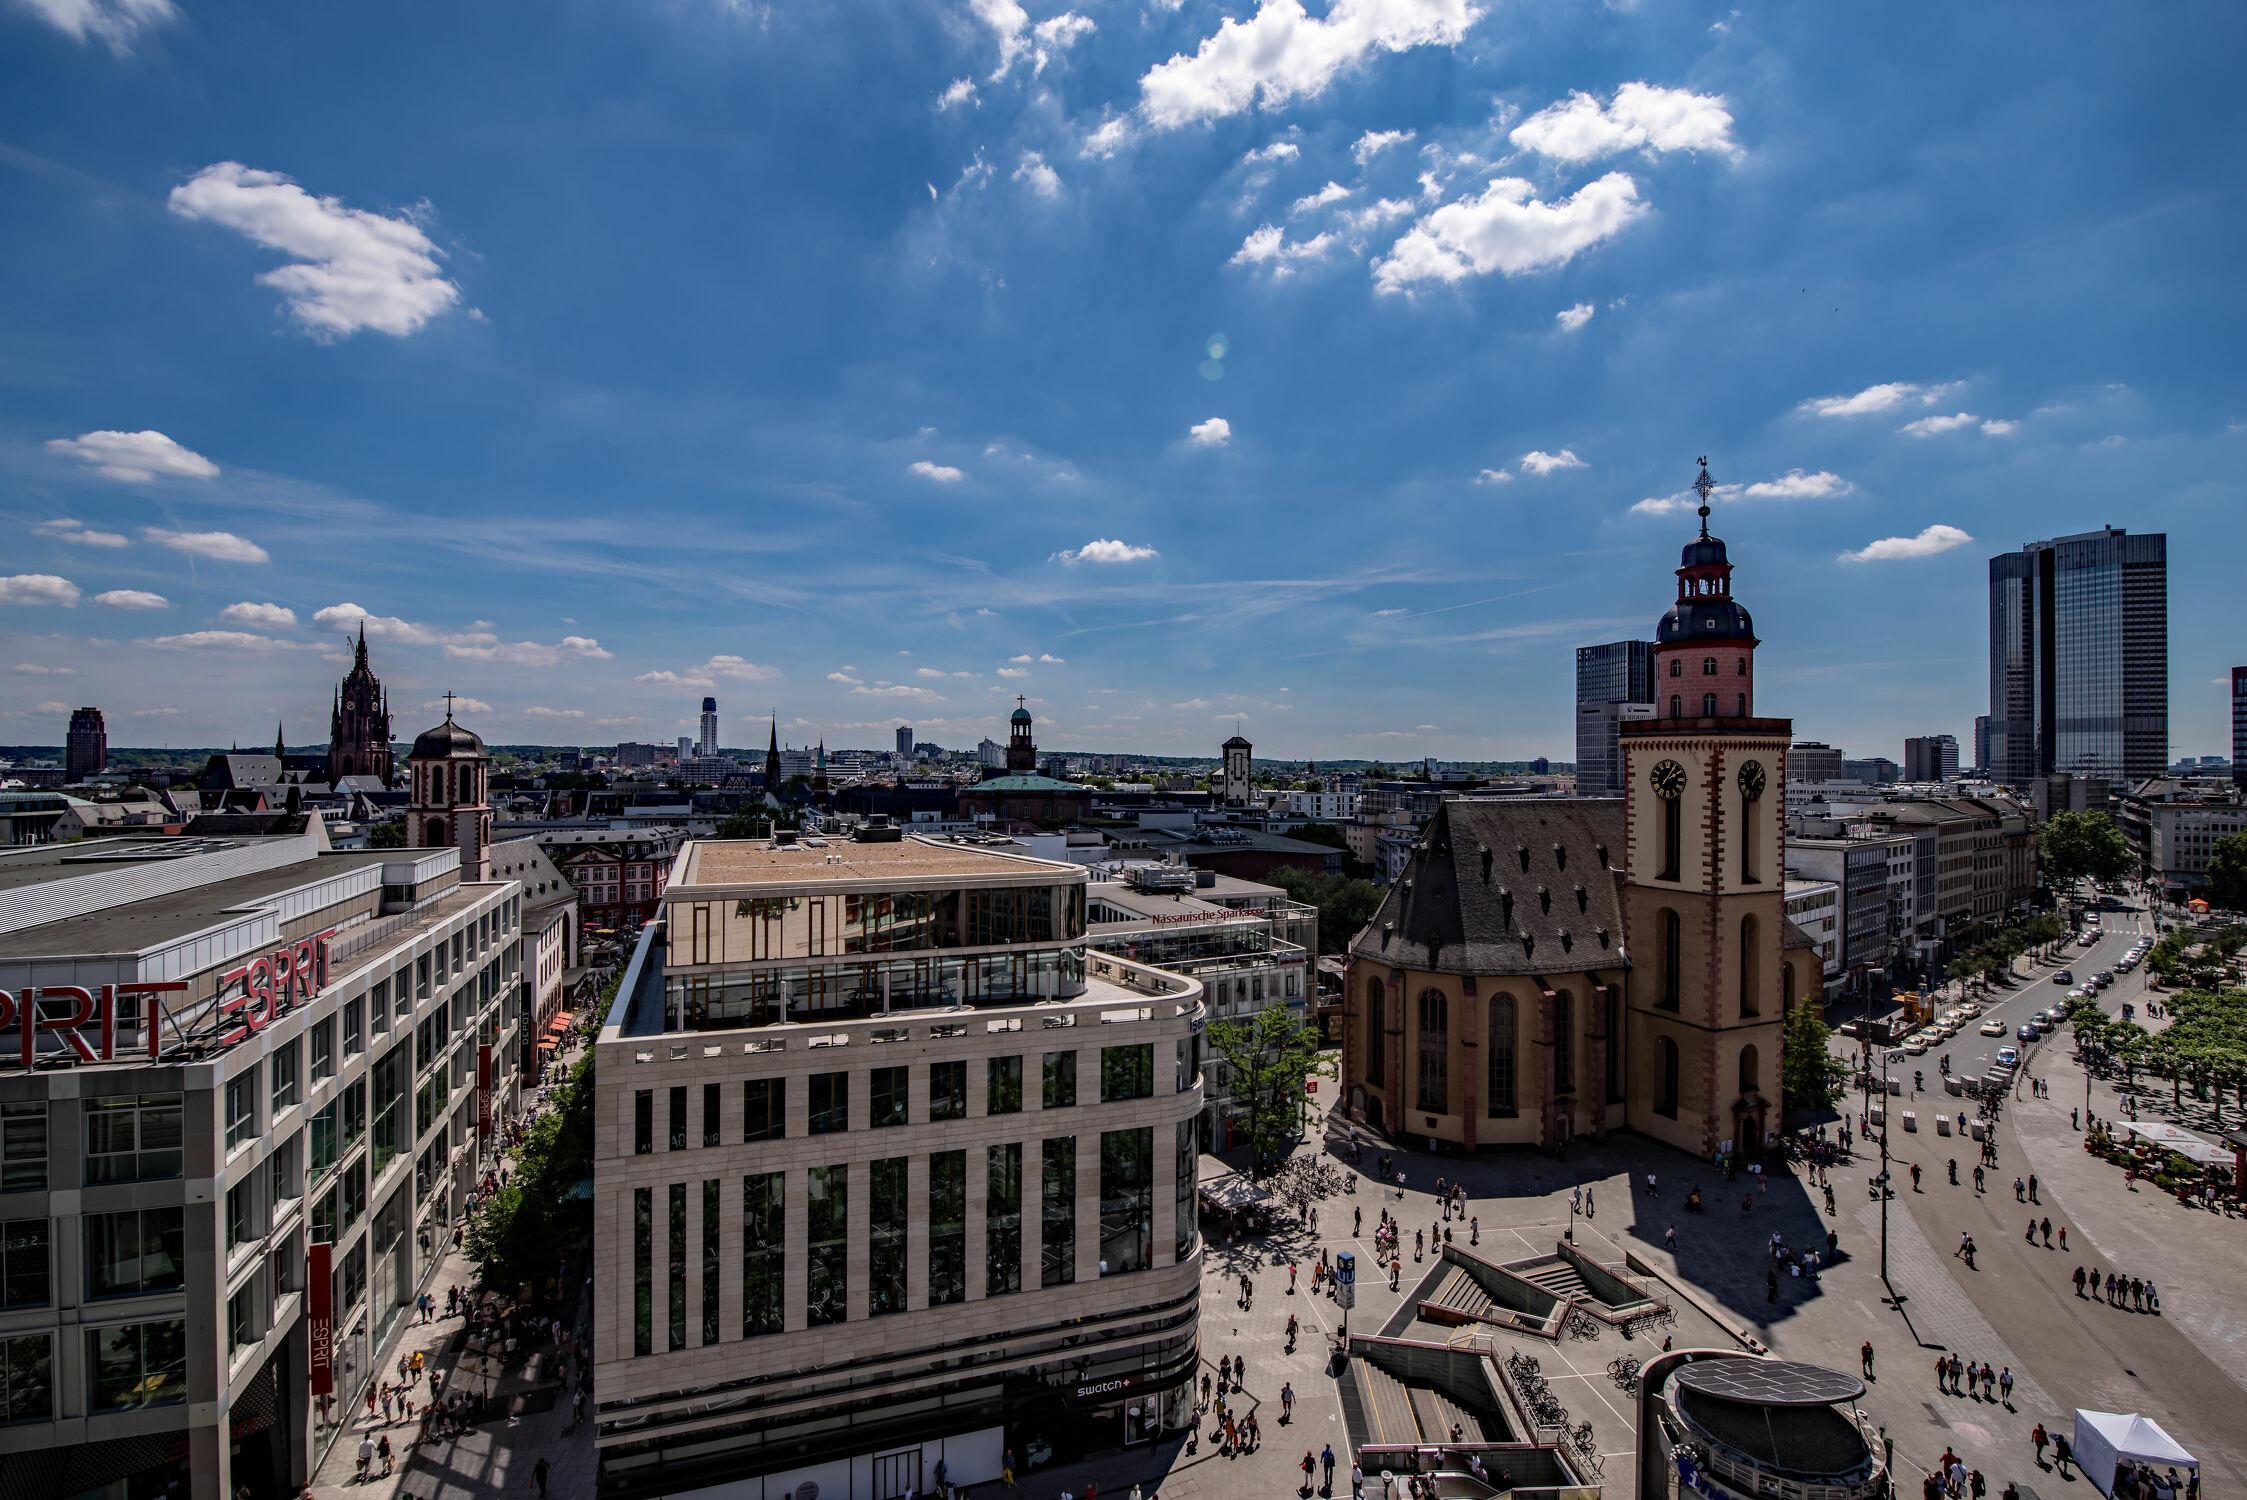 Bild mit Architektur, Deutschland, Glas, Skylines & Hochhäuser, Frankfurt am Main, Zentrum, Stahl, Beton, city of frankfurt, Bankenviertel, Bürogebäude